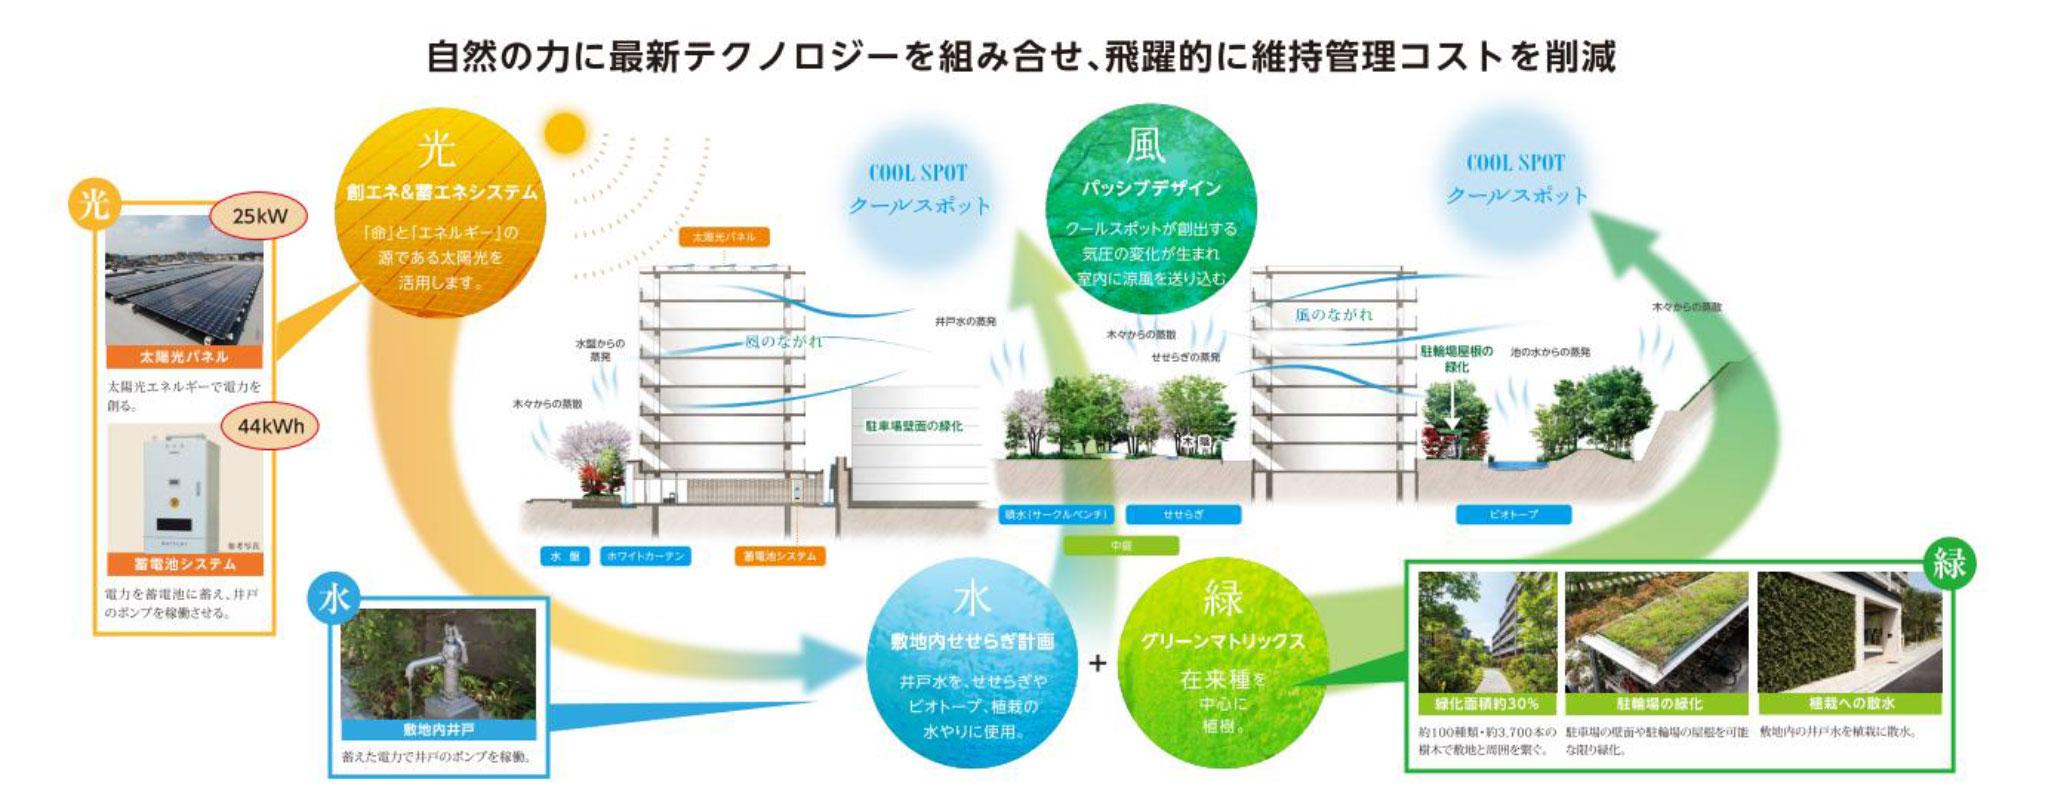 自然の力にテクノロジーを組み合わせ、飛躍的に維持管理コストを削減